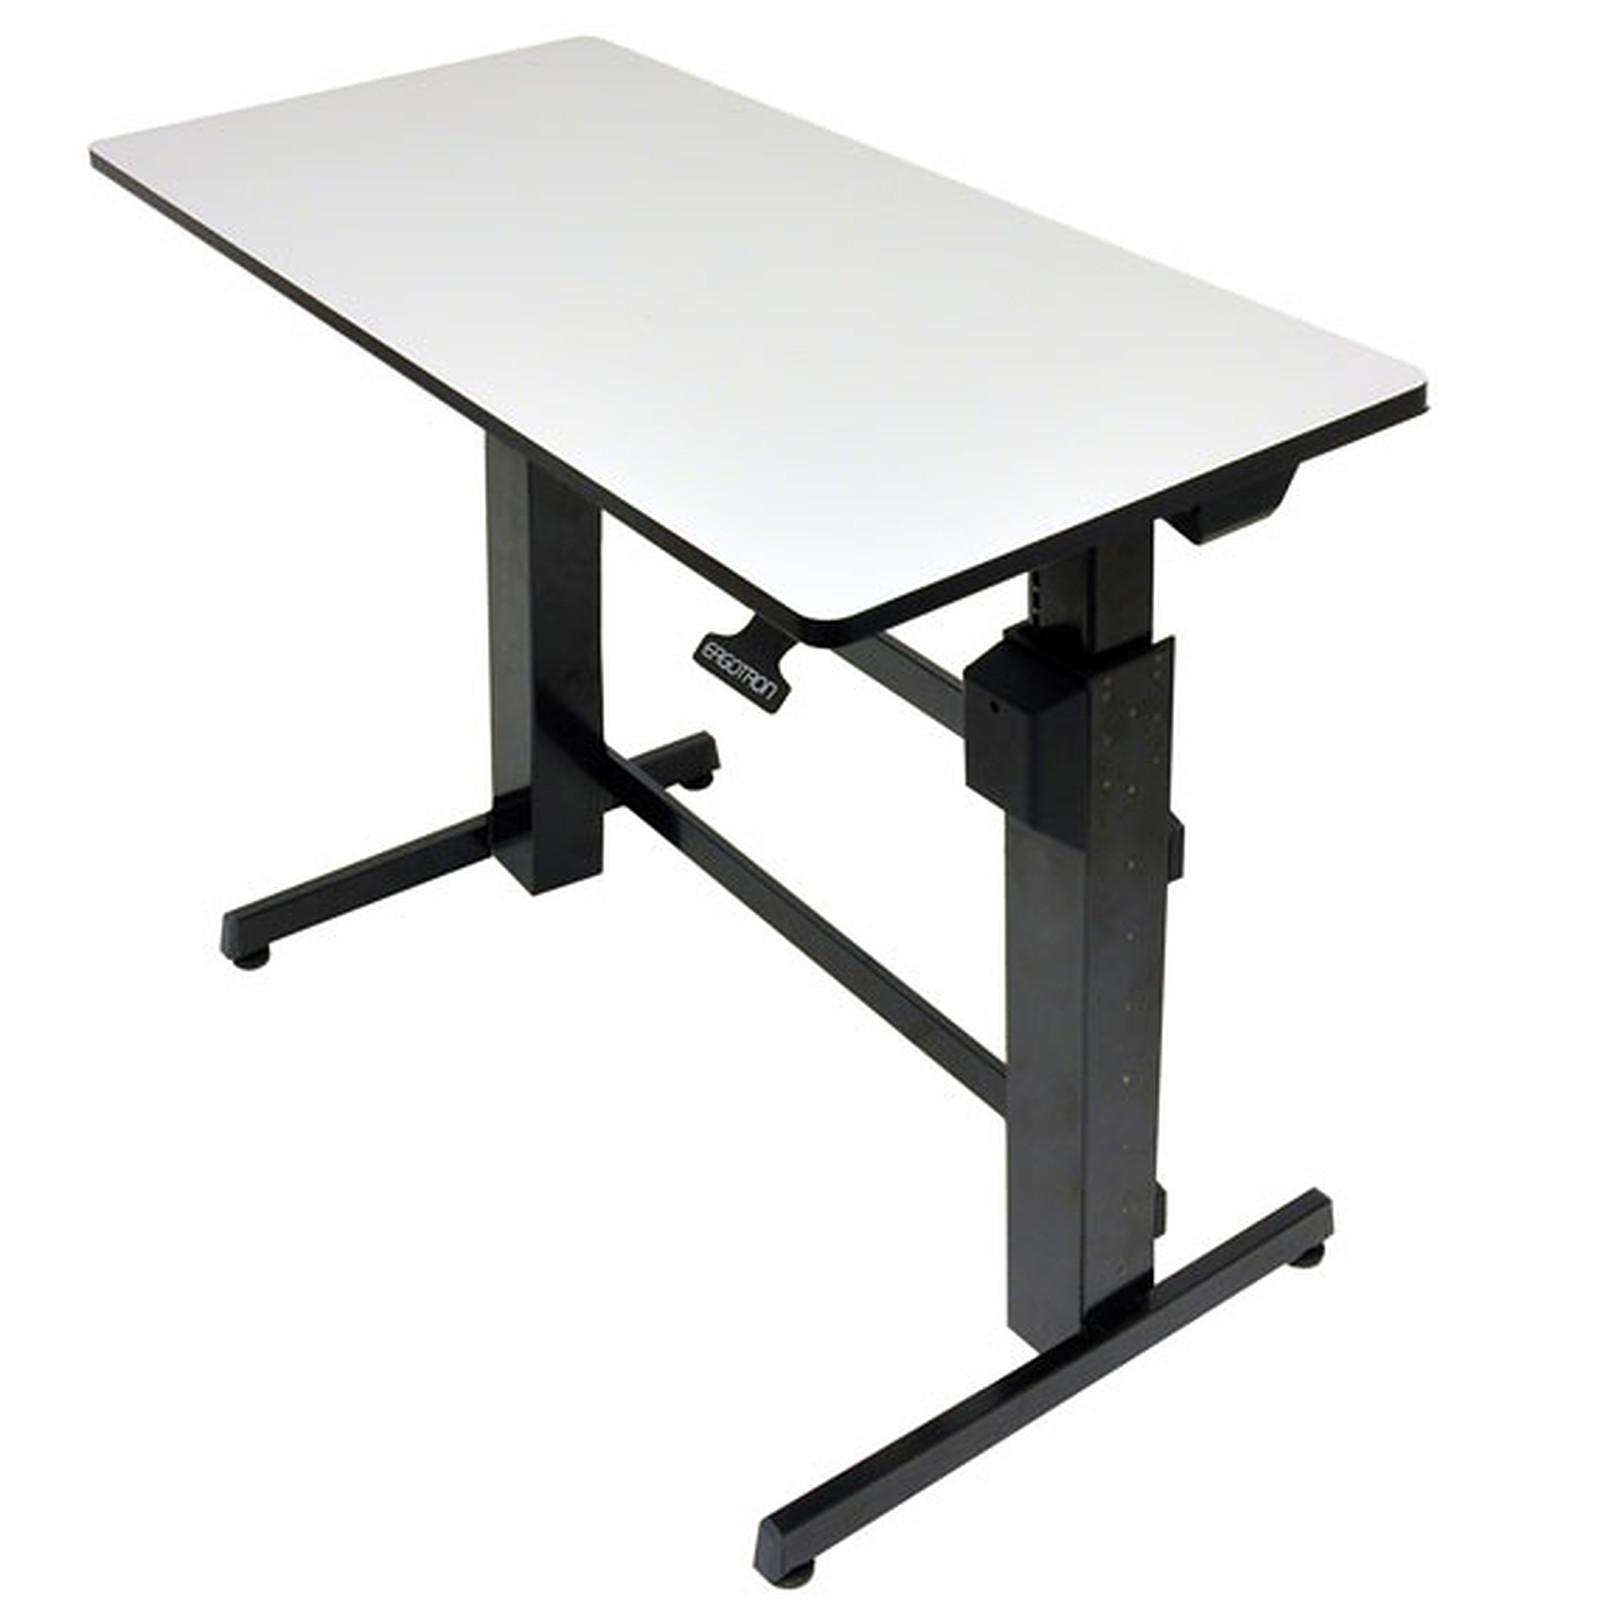 Ergotron workfit d bureau assis debout meuble ordinateur ergotron sur - Meuble ordinateur ...